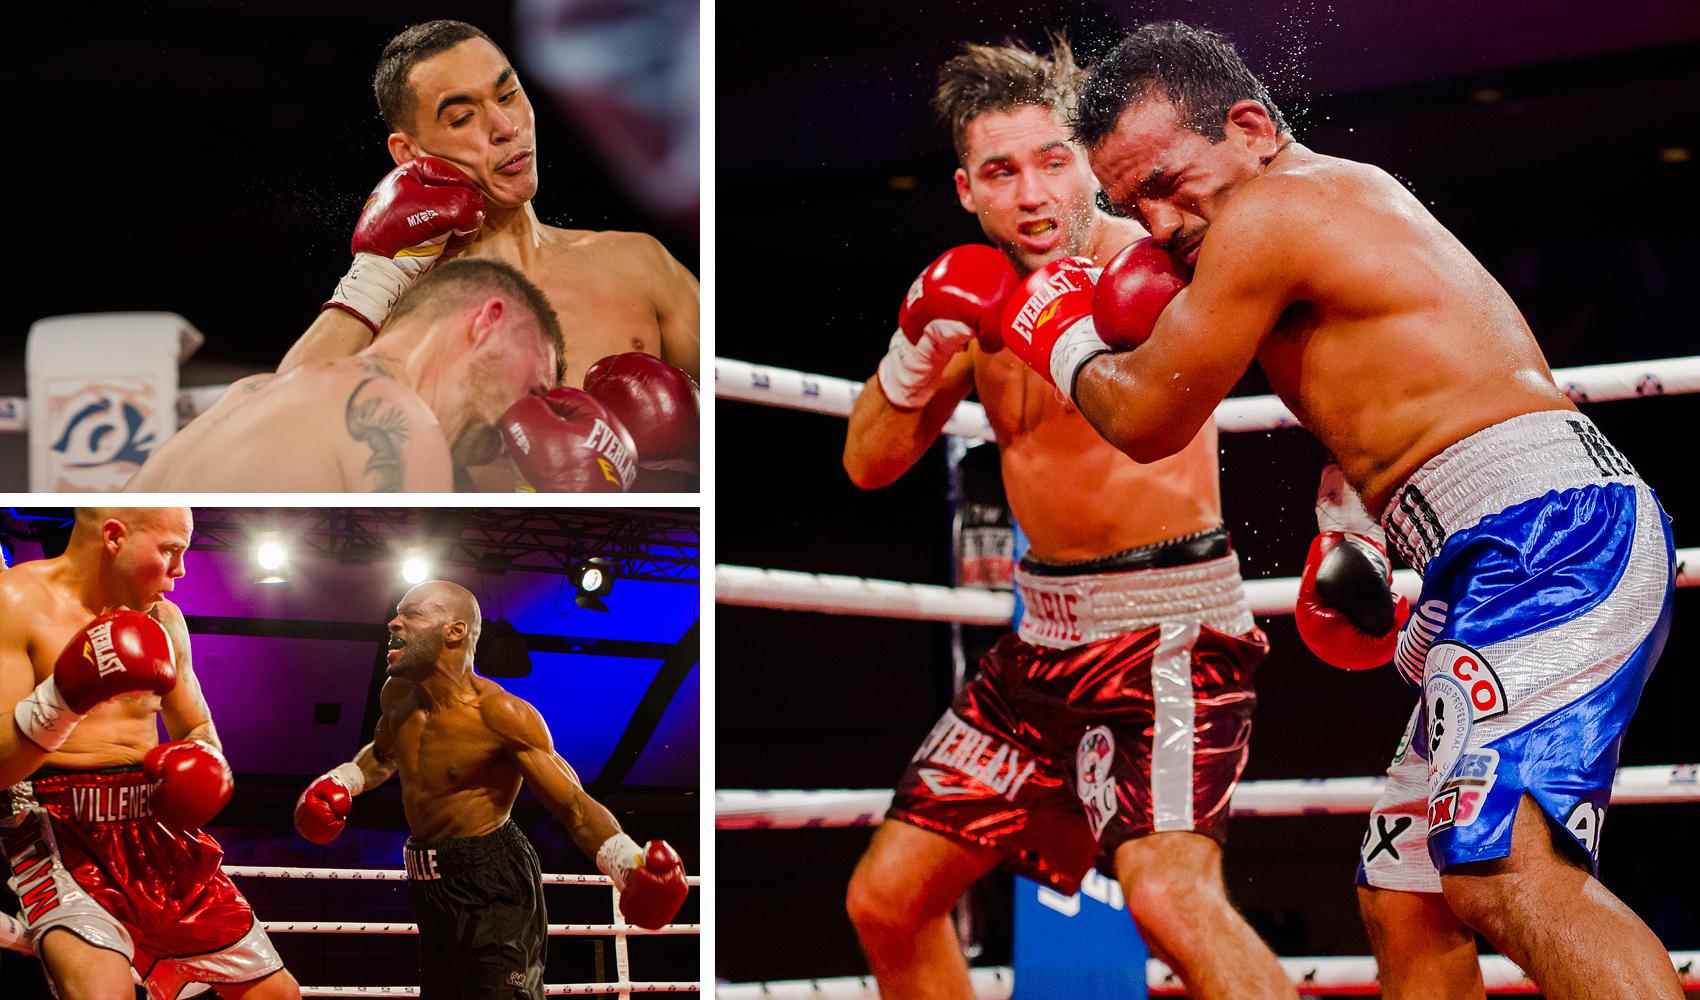 Gala de boxe au Hilton Lac Leamy le 28 mars 2014.